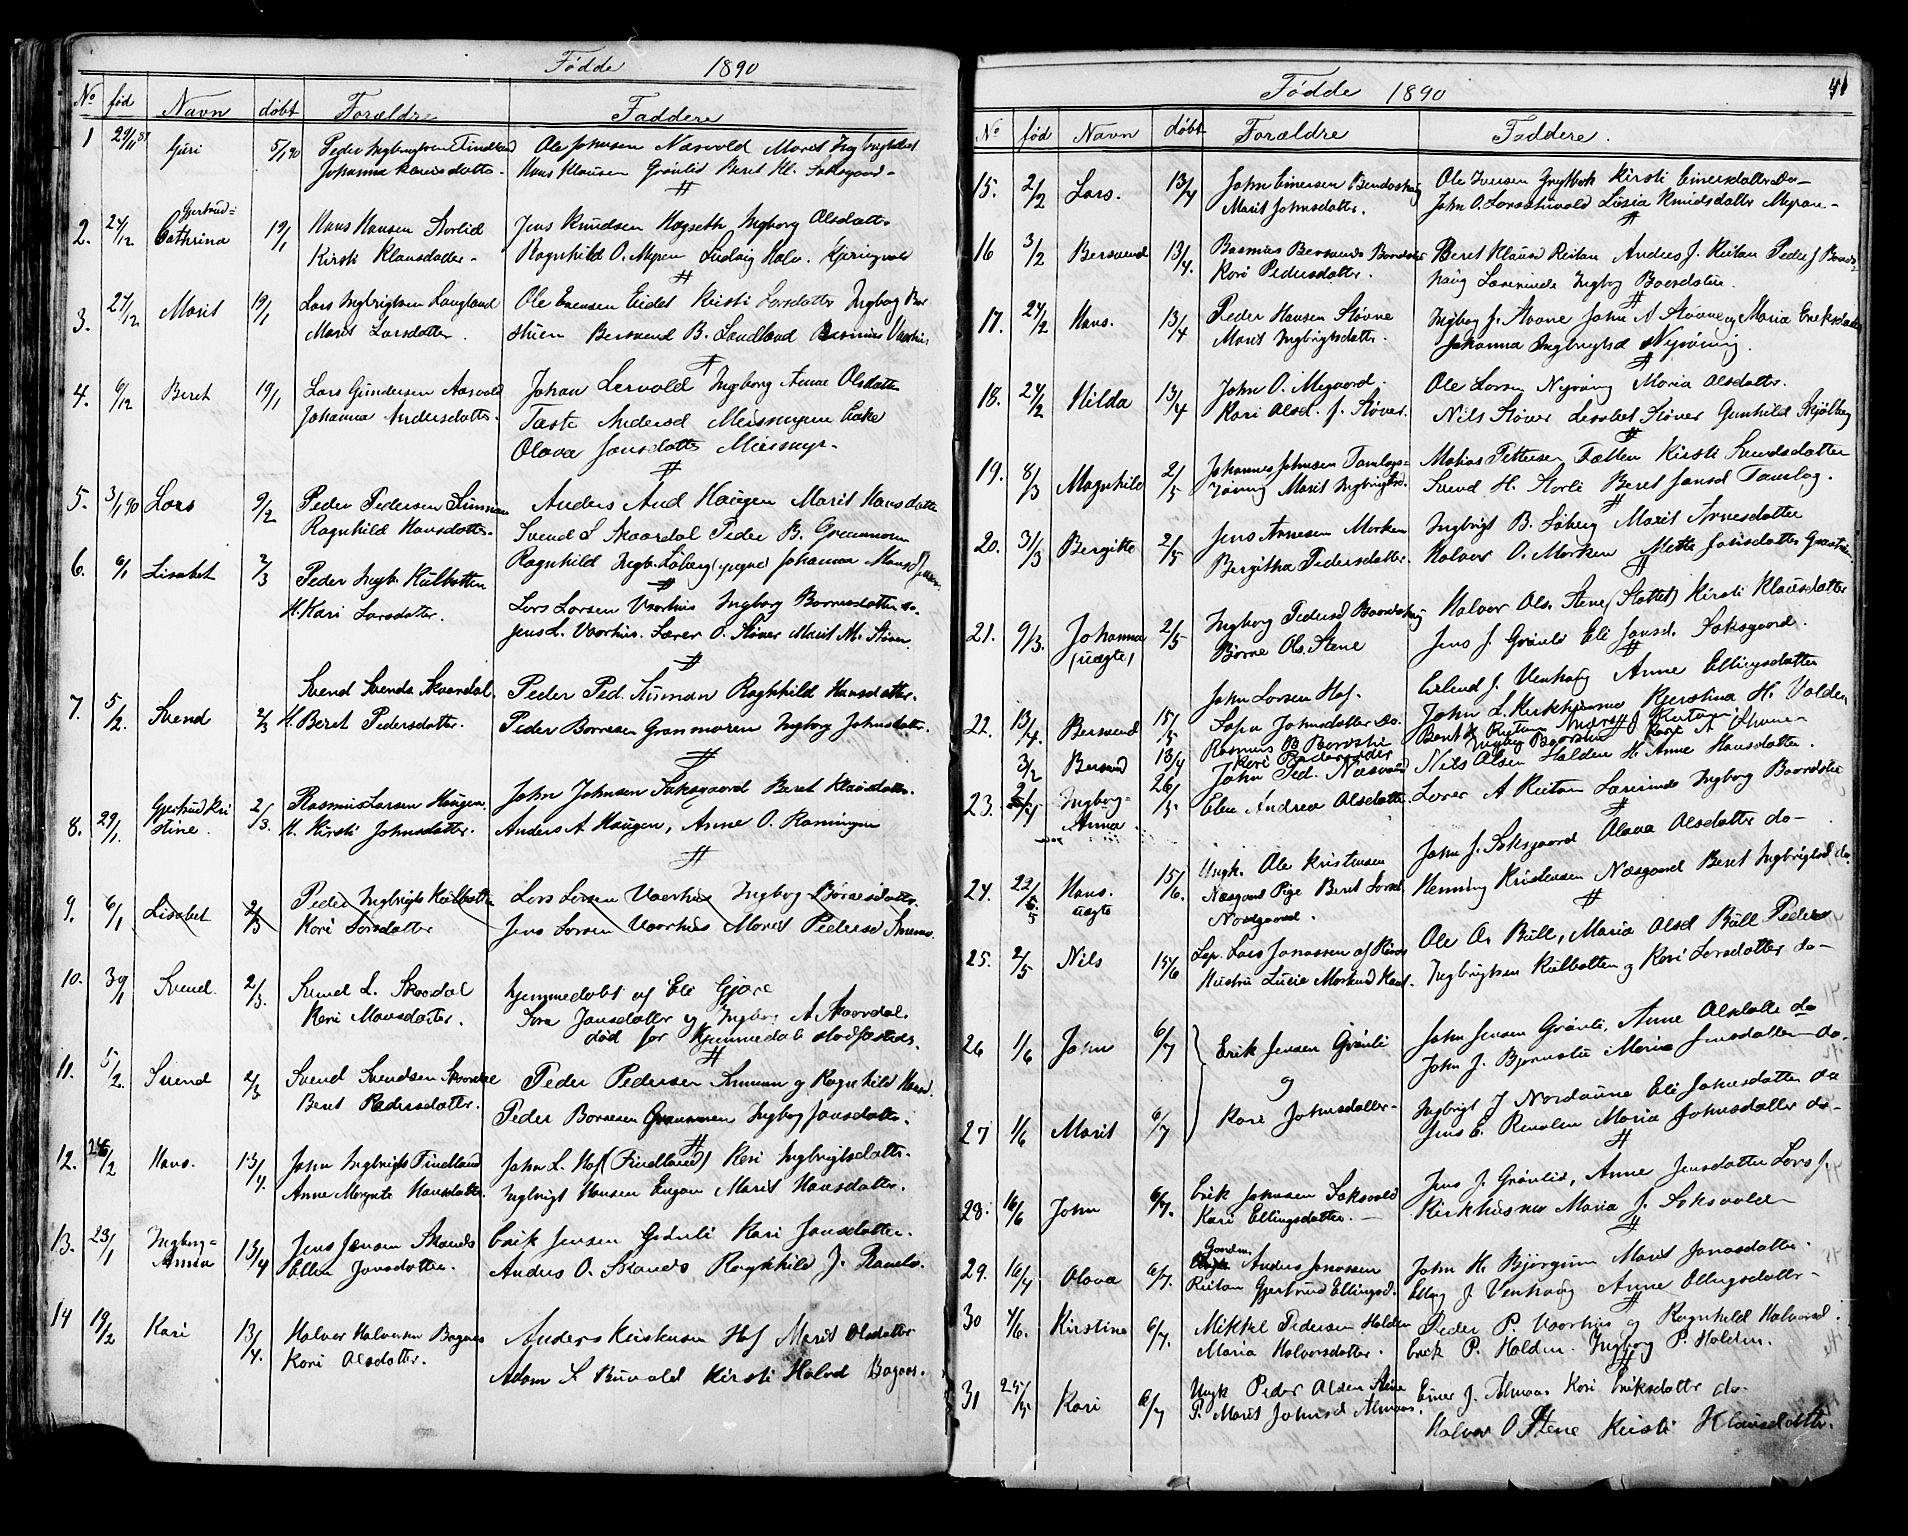 SAT, Ministerialprotokoller, klokkerbøker og fødselsregistre - Sør-Trøndelag, 686/L0985: Klokkerbok nr. 686C01, 1871-1933, s. 41